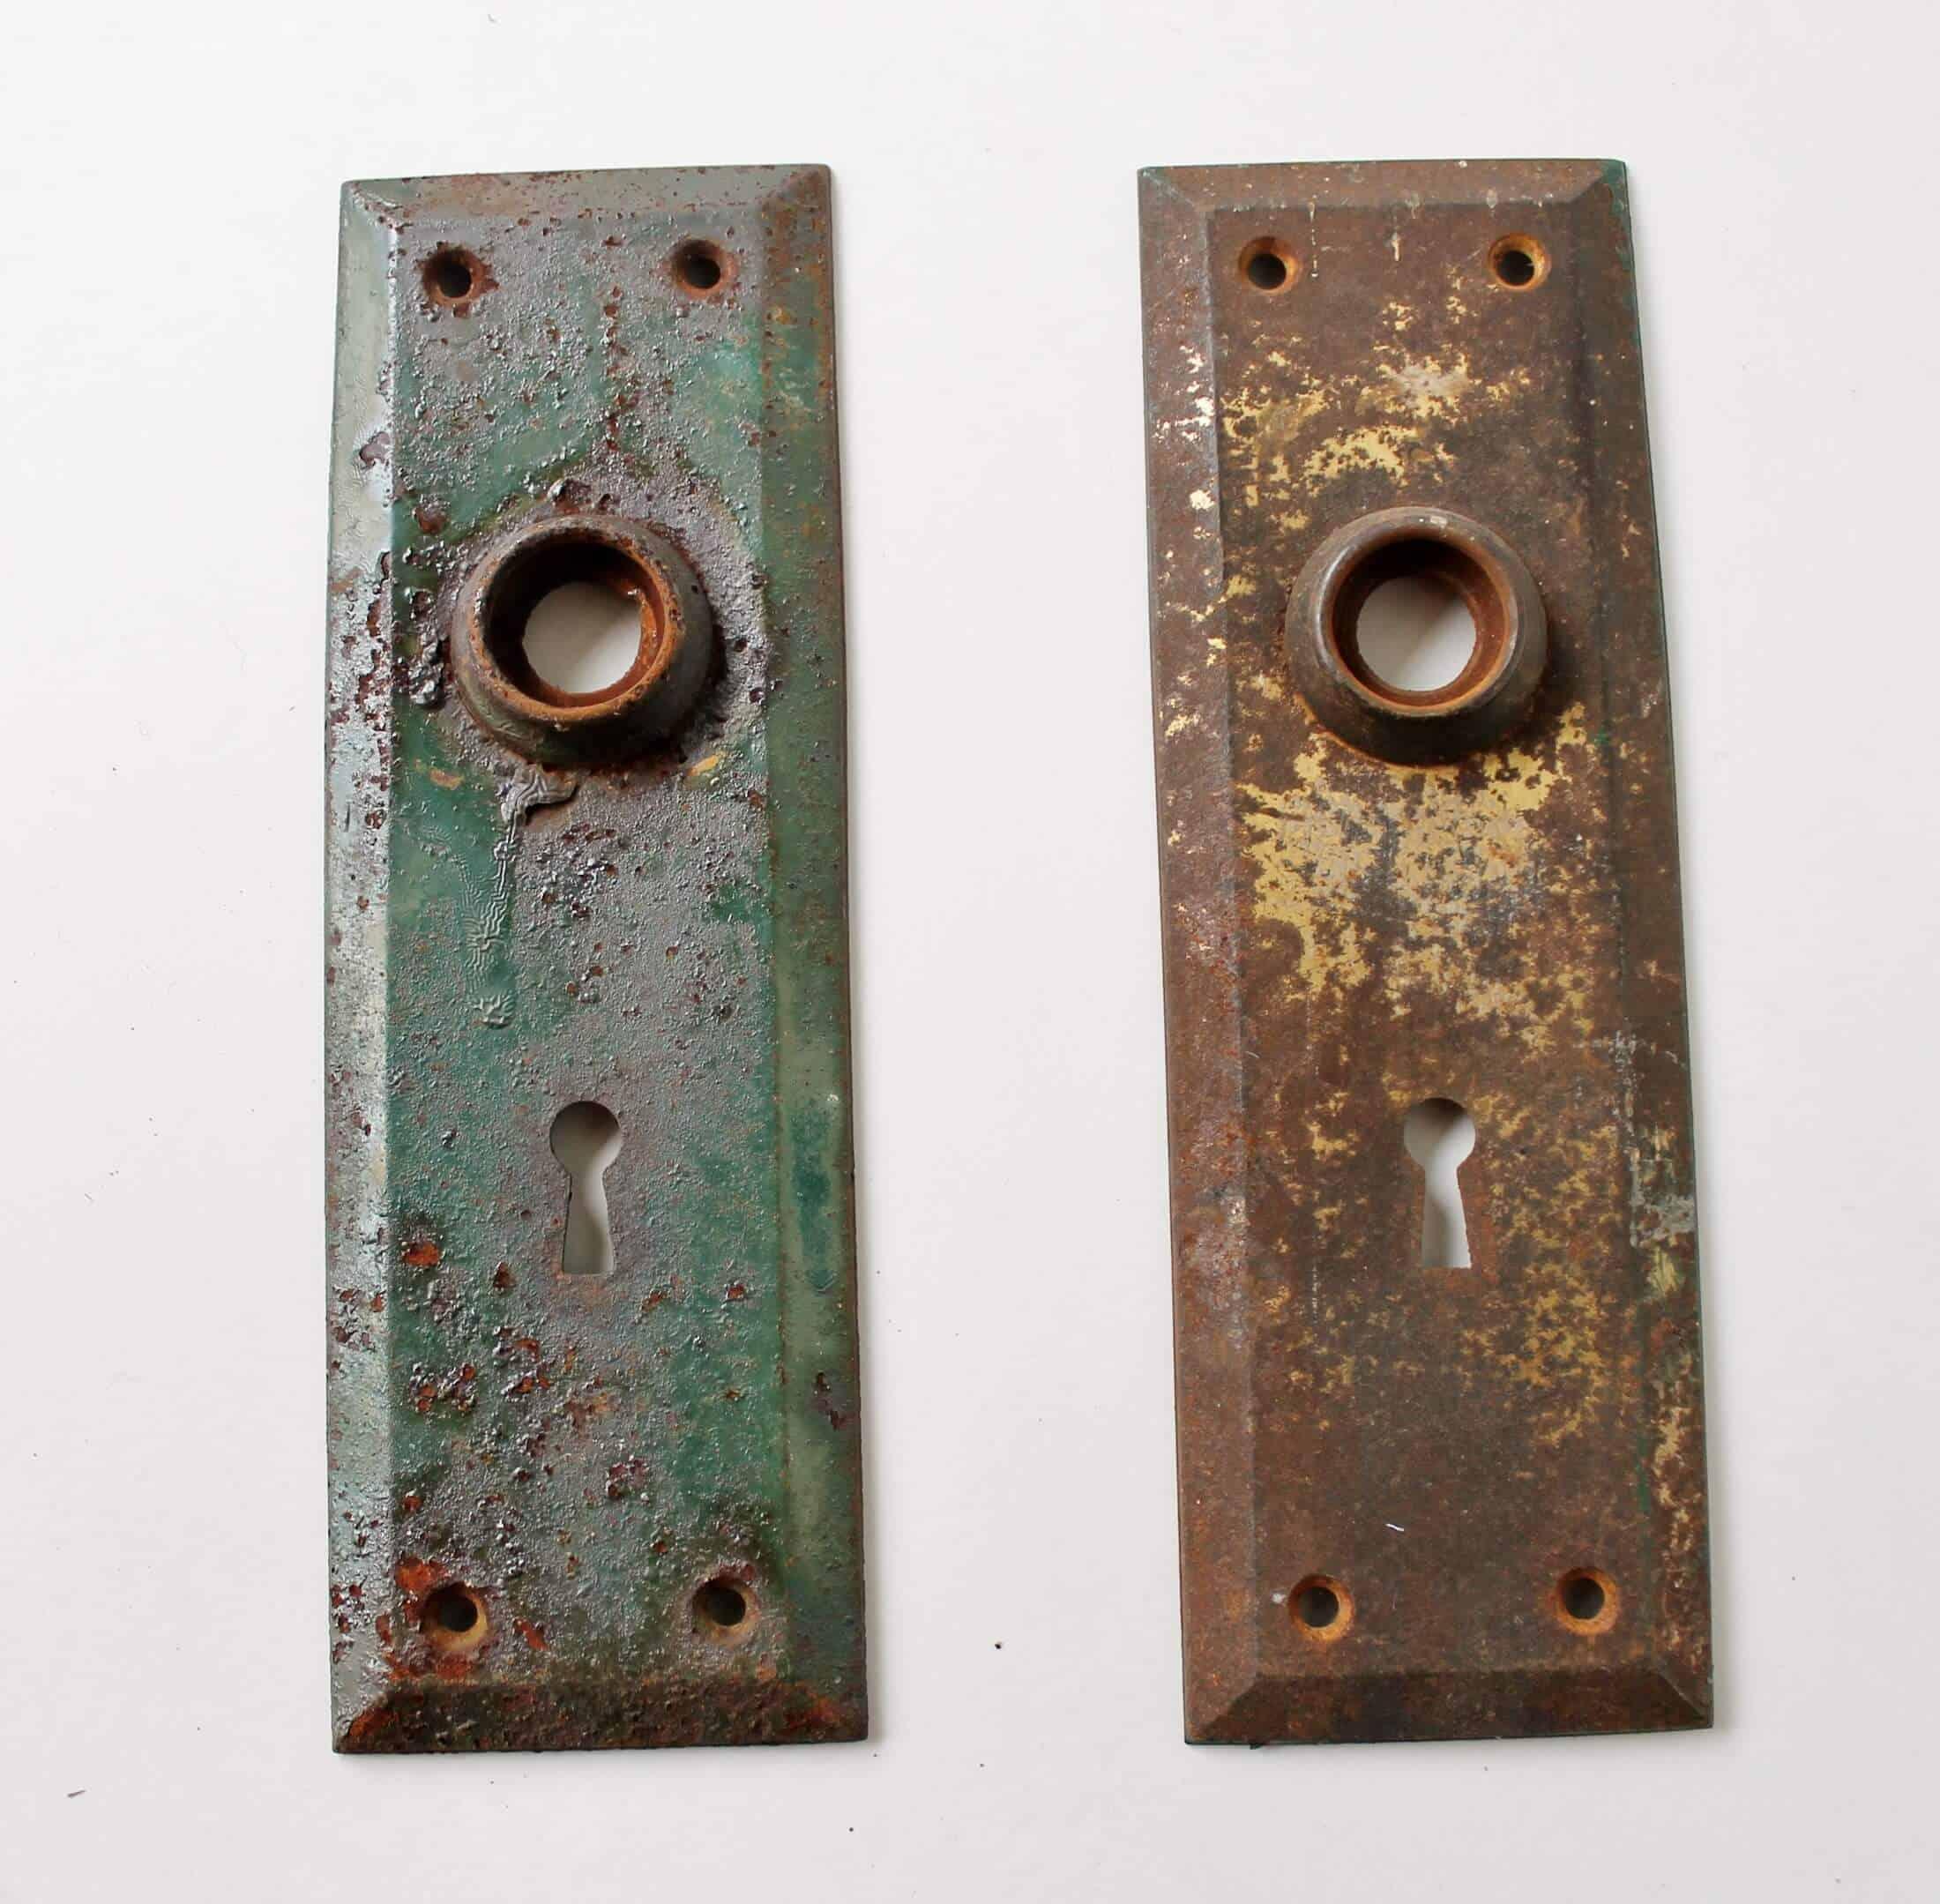 antique door plates